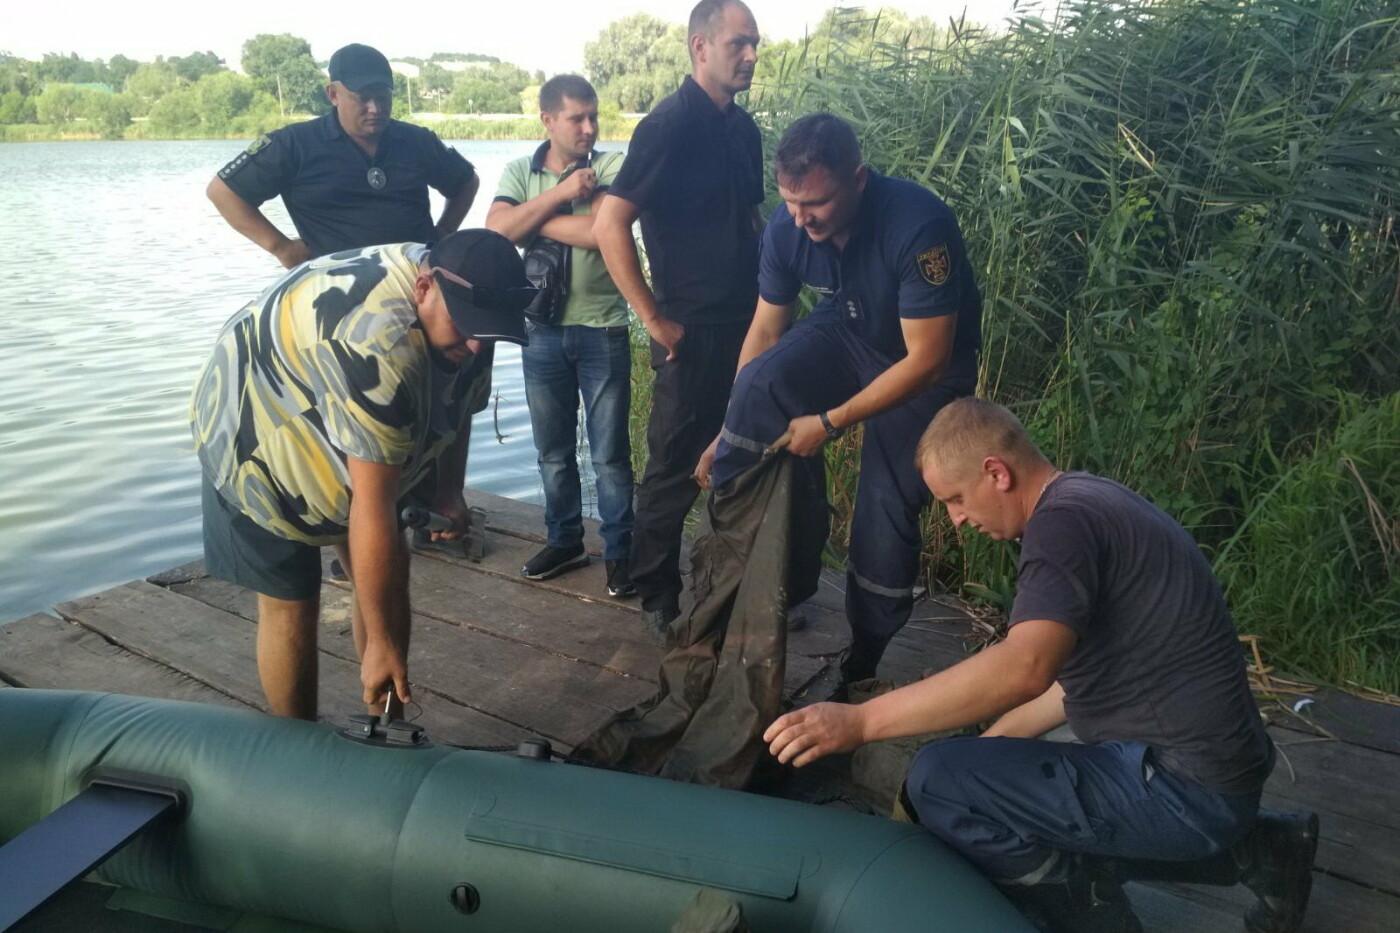 В Харьковской области нашли труп мужчины, утонувшего в местном пруду, - ФОТО, фото-2